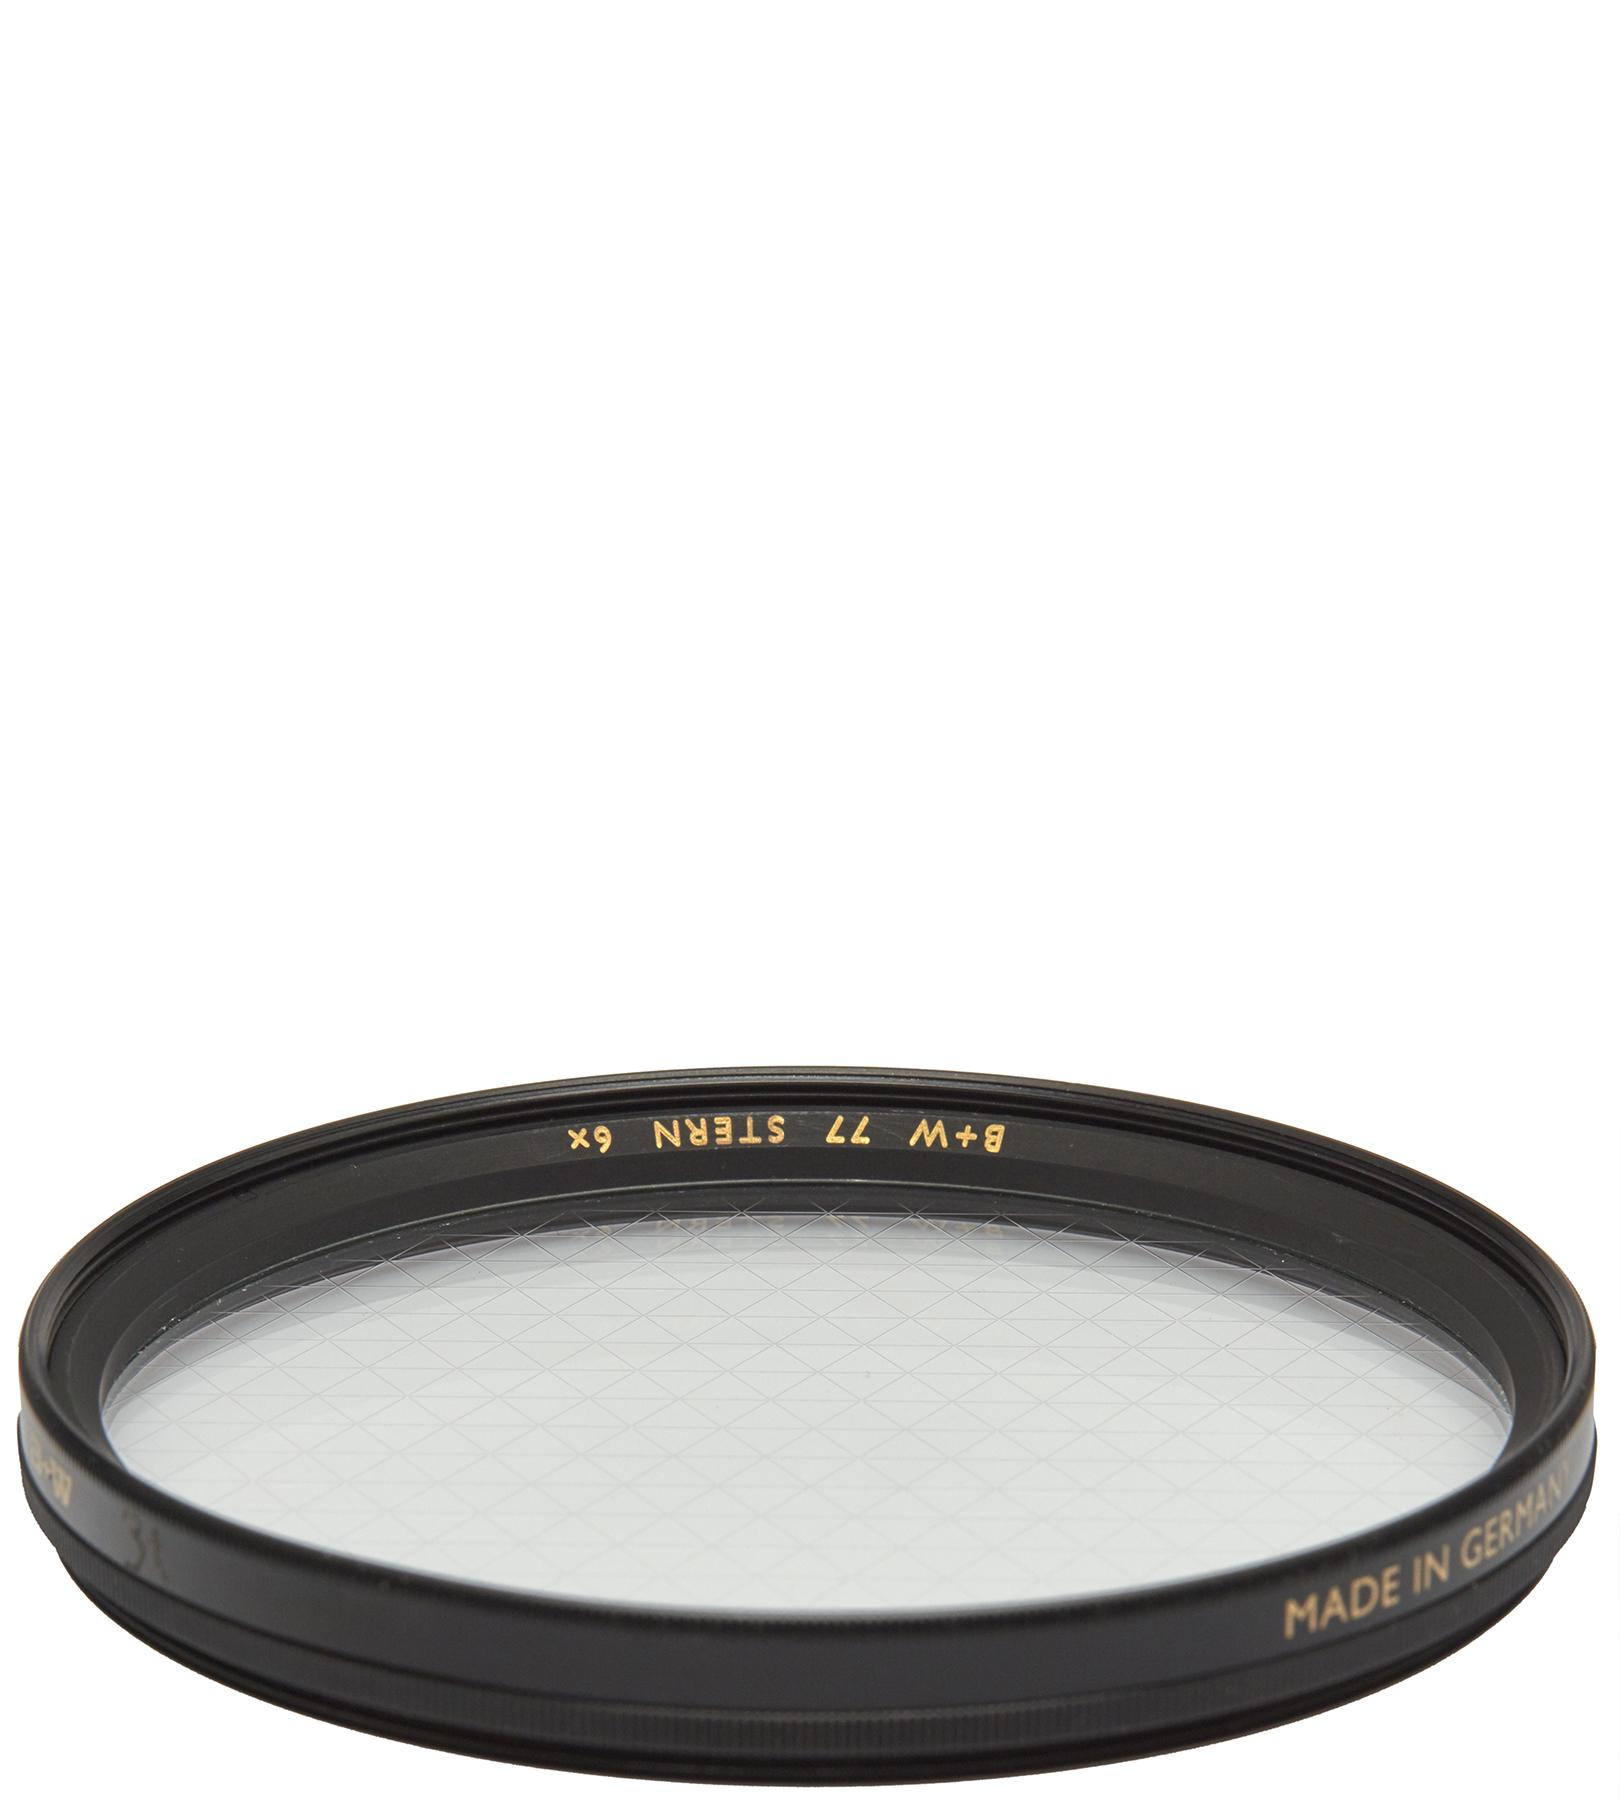 Filtro de lente 6x star cross screen B+W 77mm